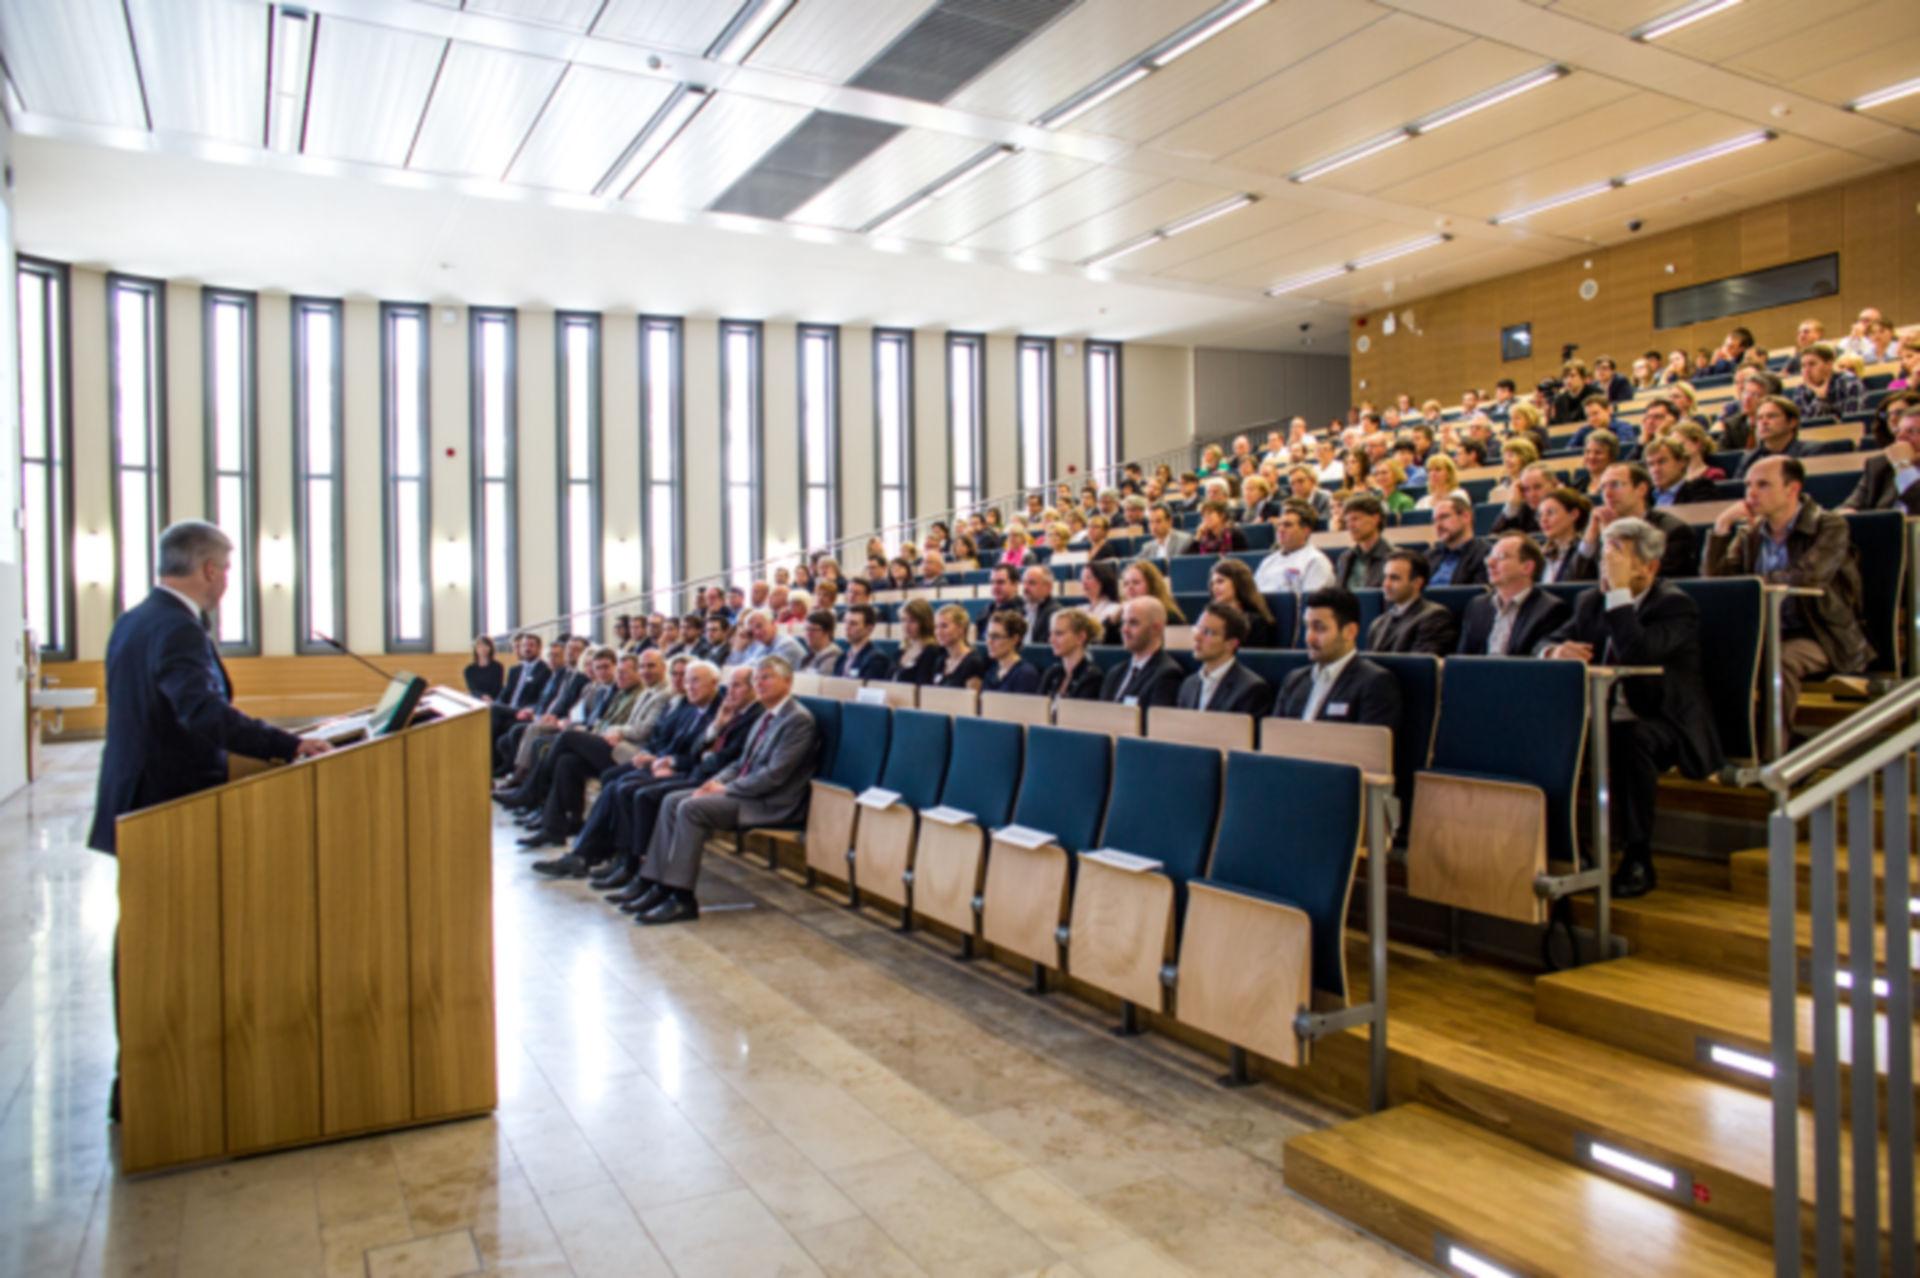 Lehr- und Lernzentrum Medizinische Fakultät Universität Duisburg-Essen